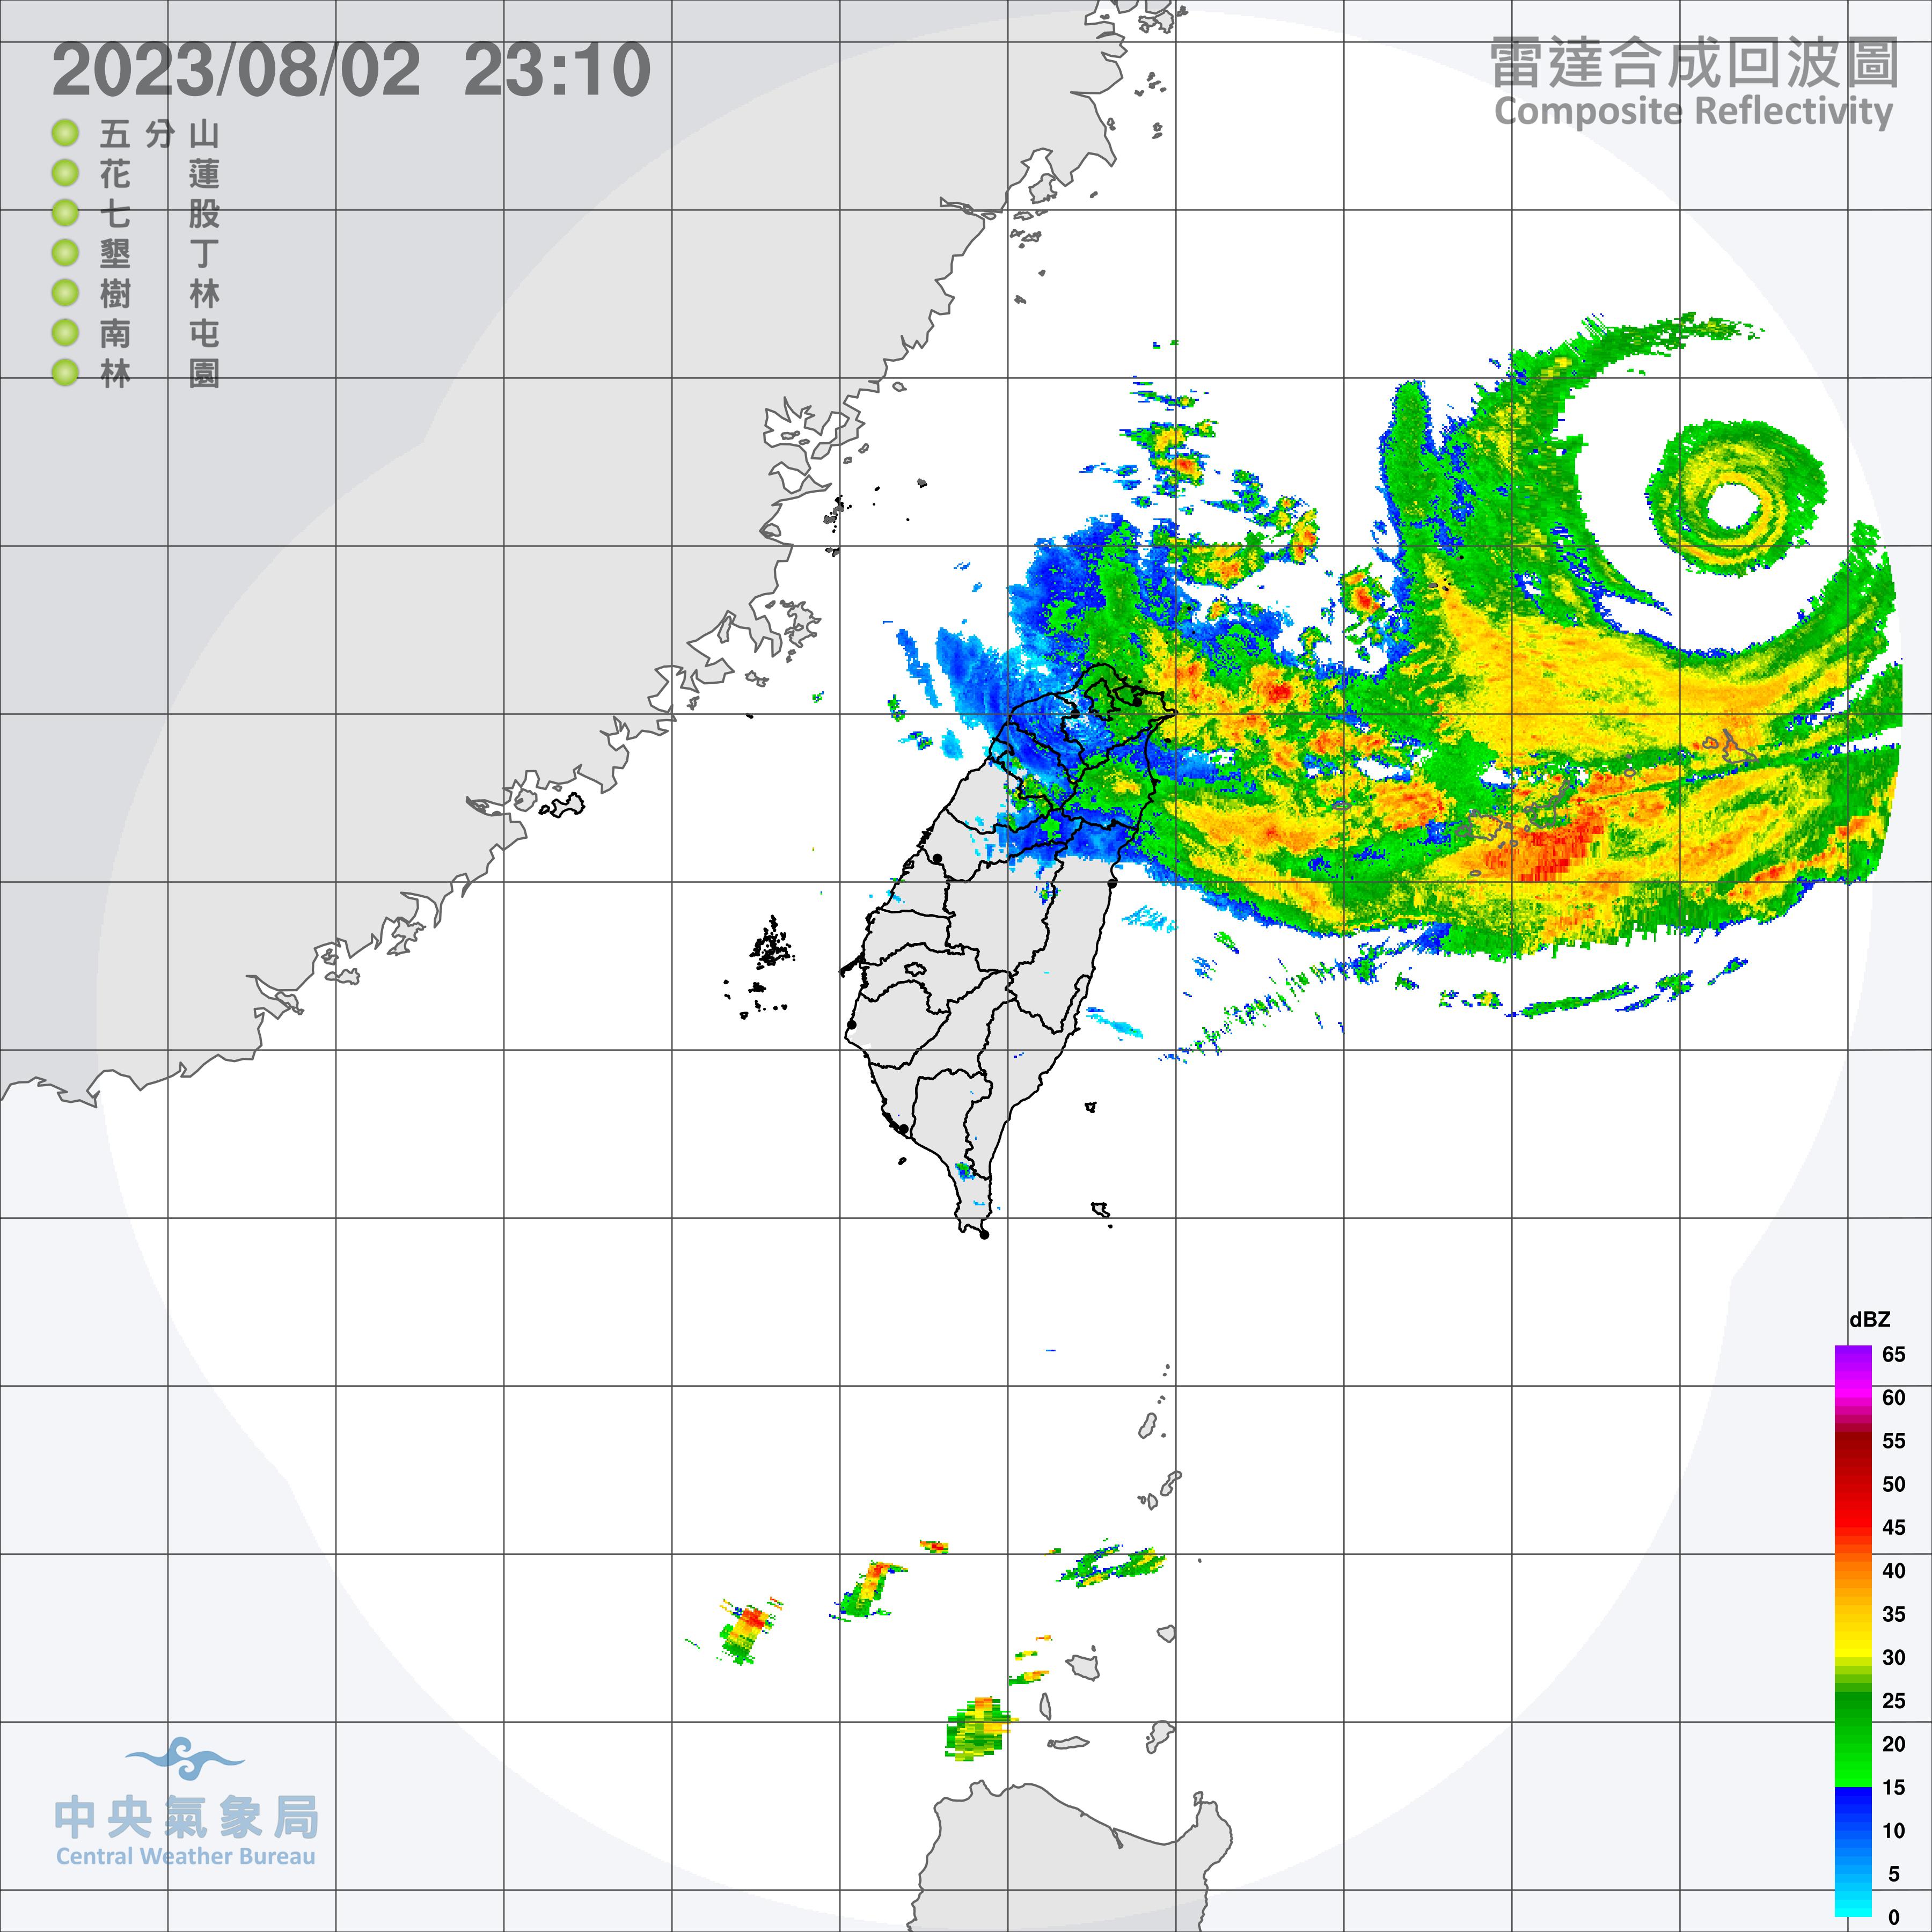 雷達回波圖彩色產品-全台灣區域無地形雷達回波圖檔